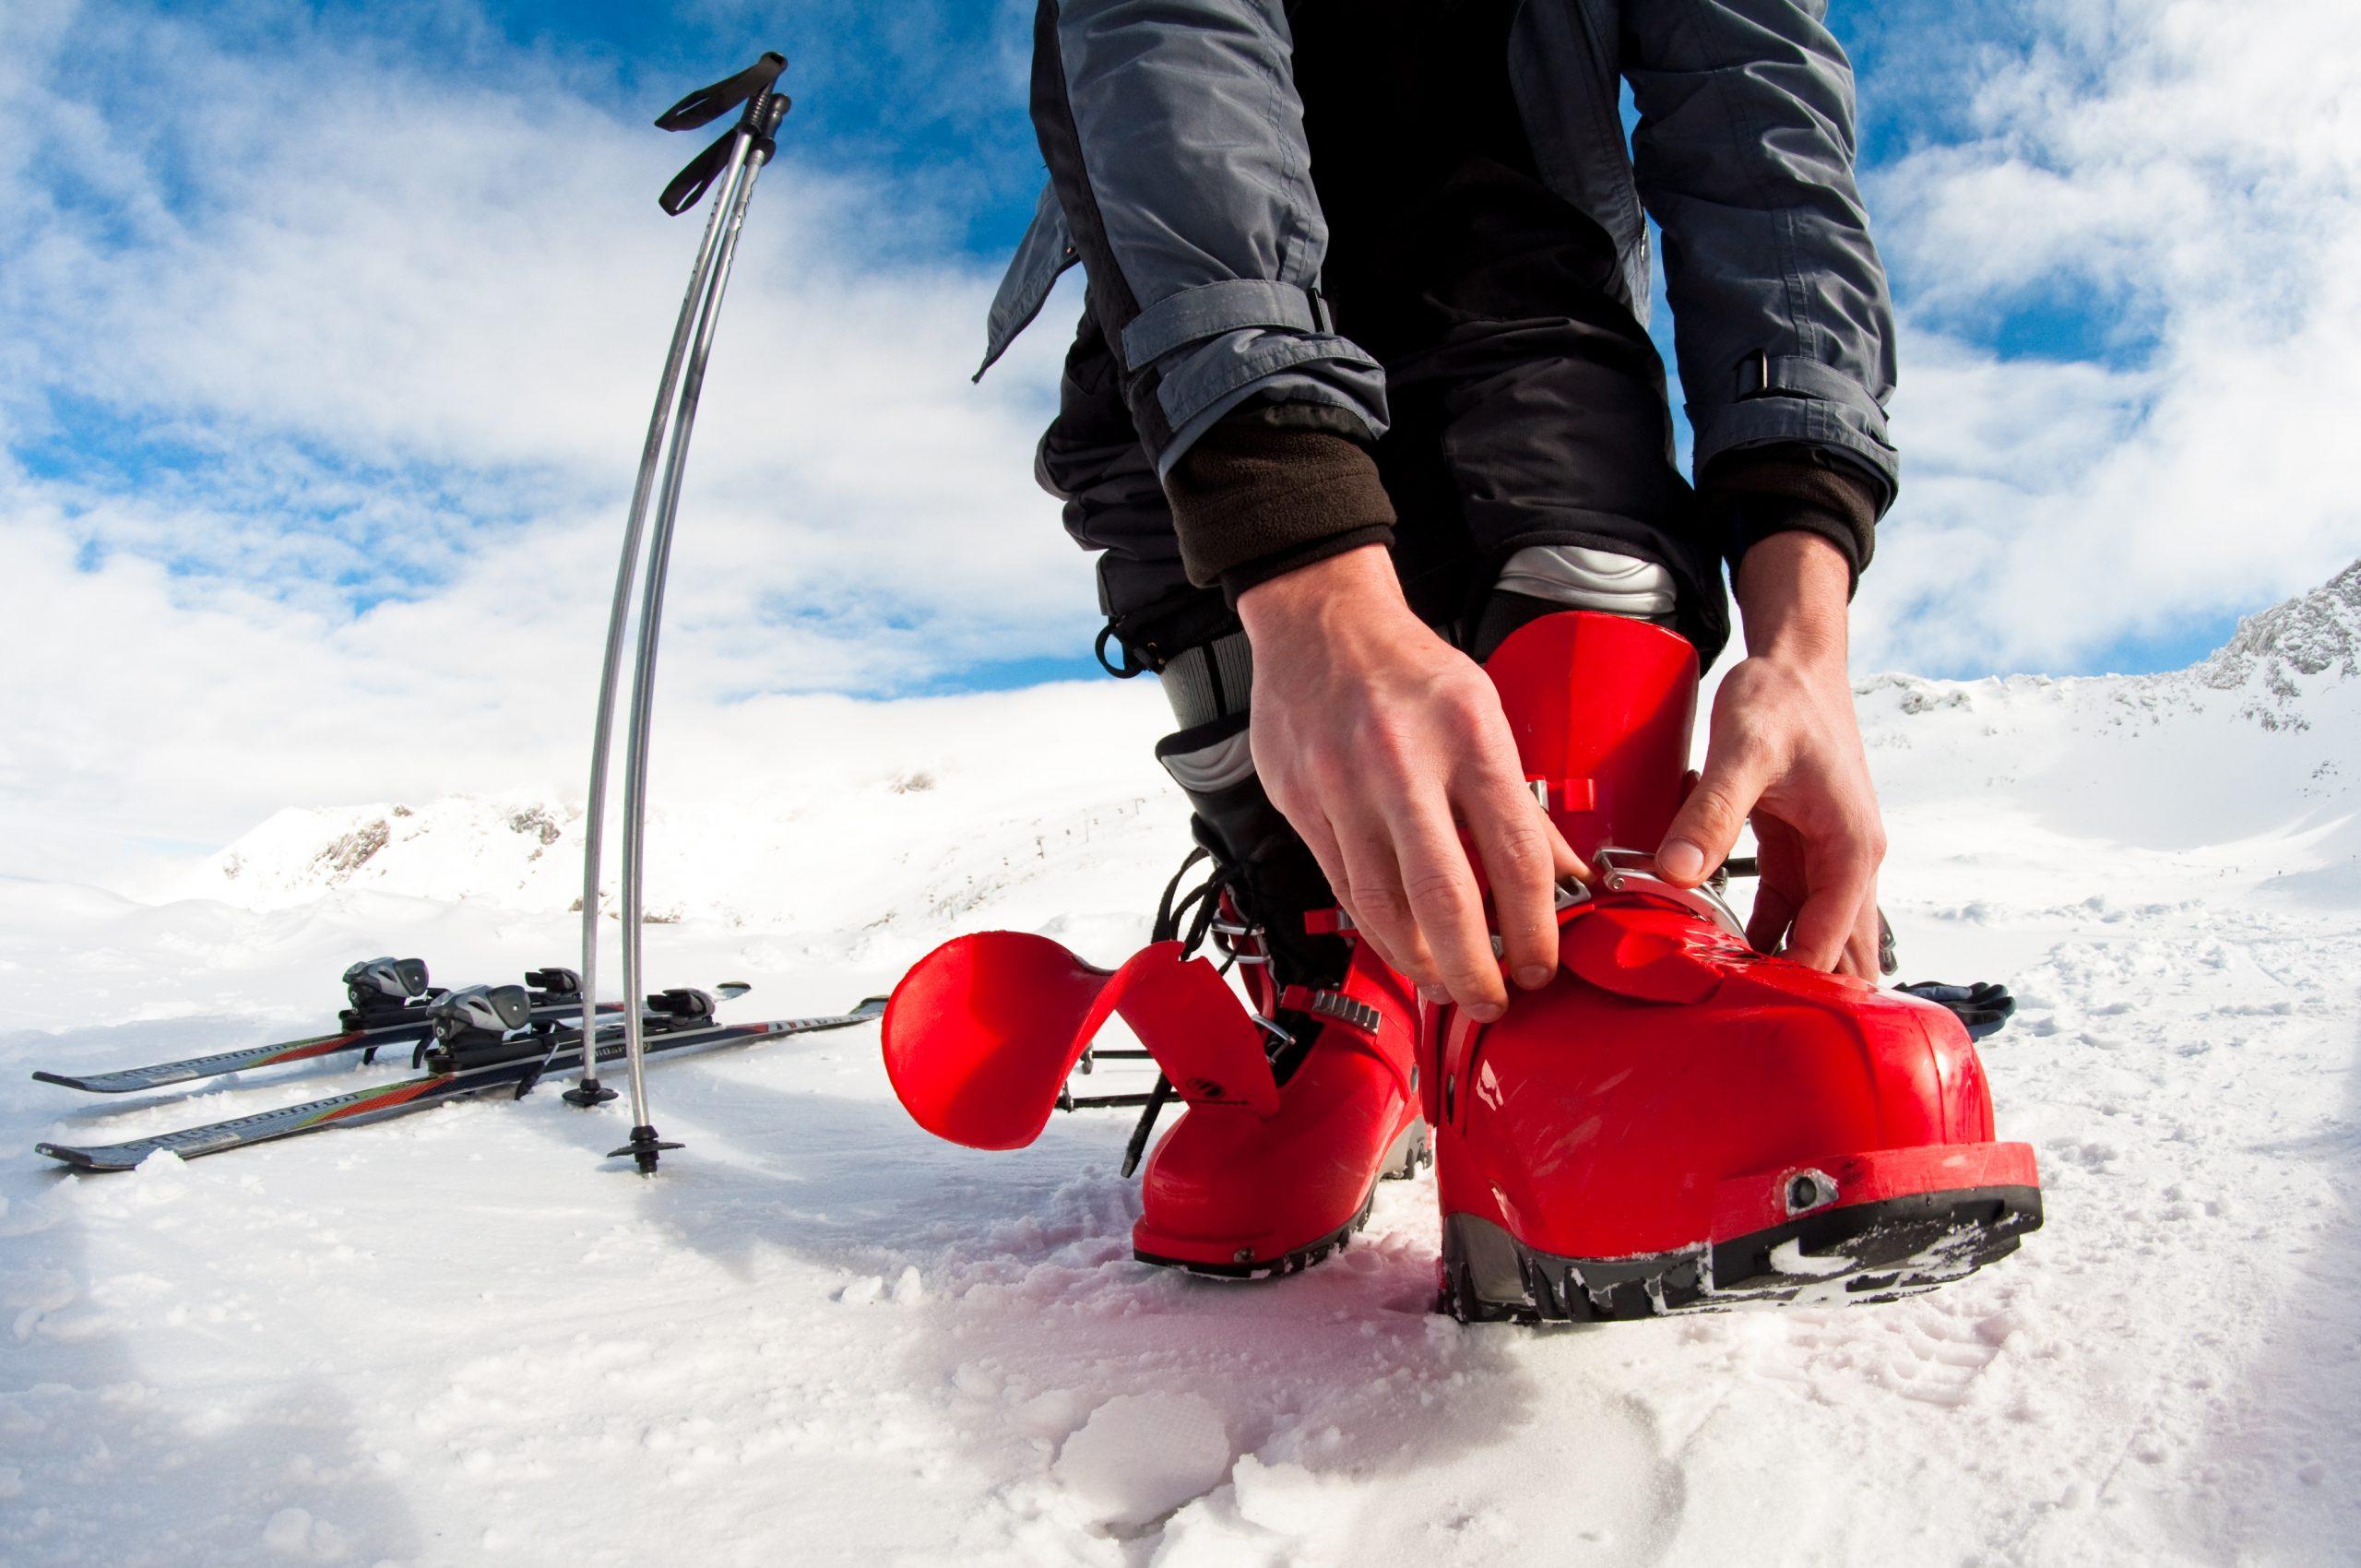 Výber lyžiarky. Foto: Shutterstock